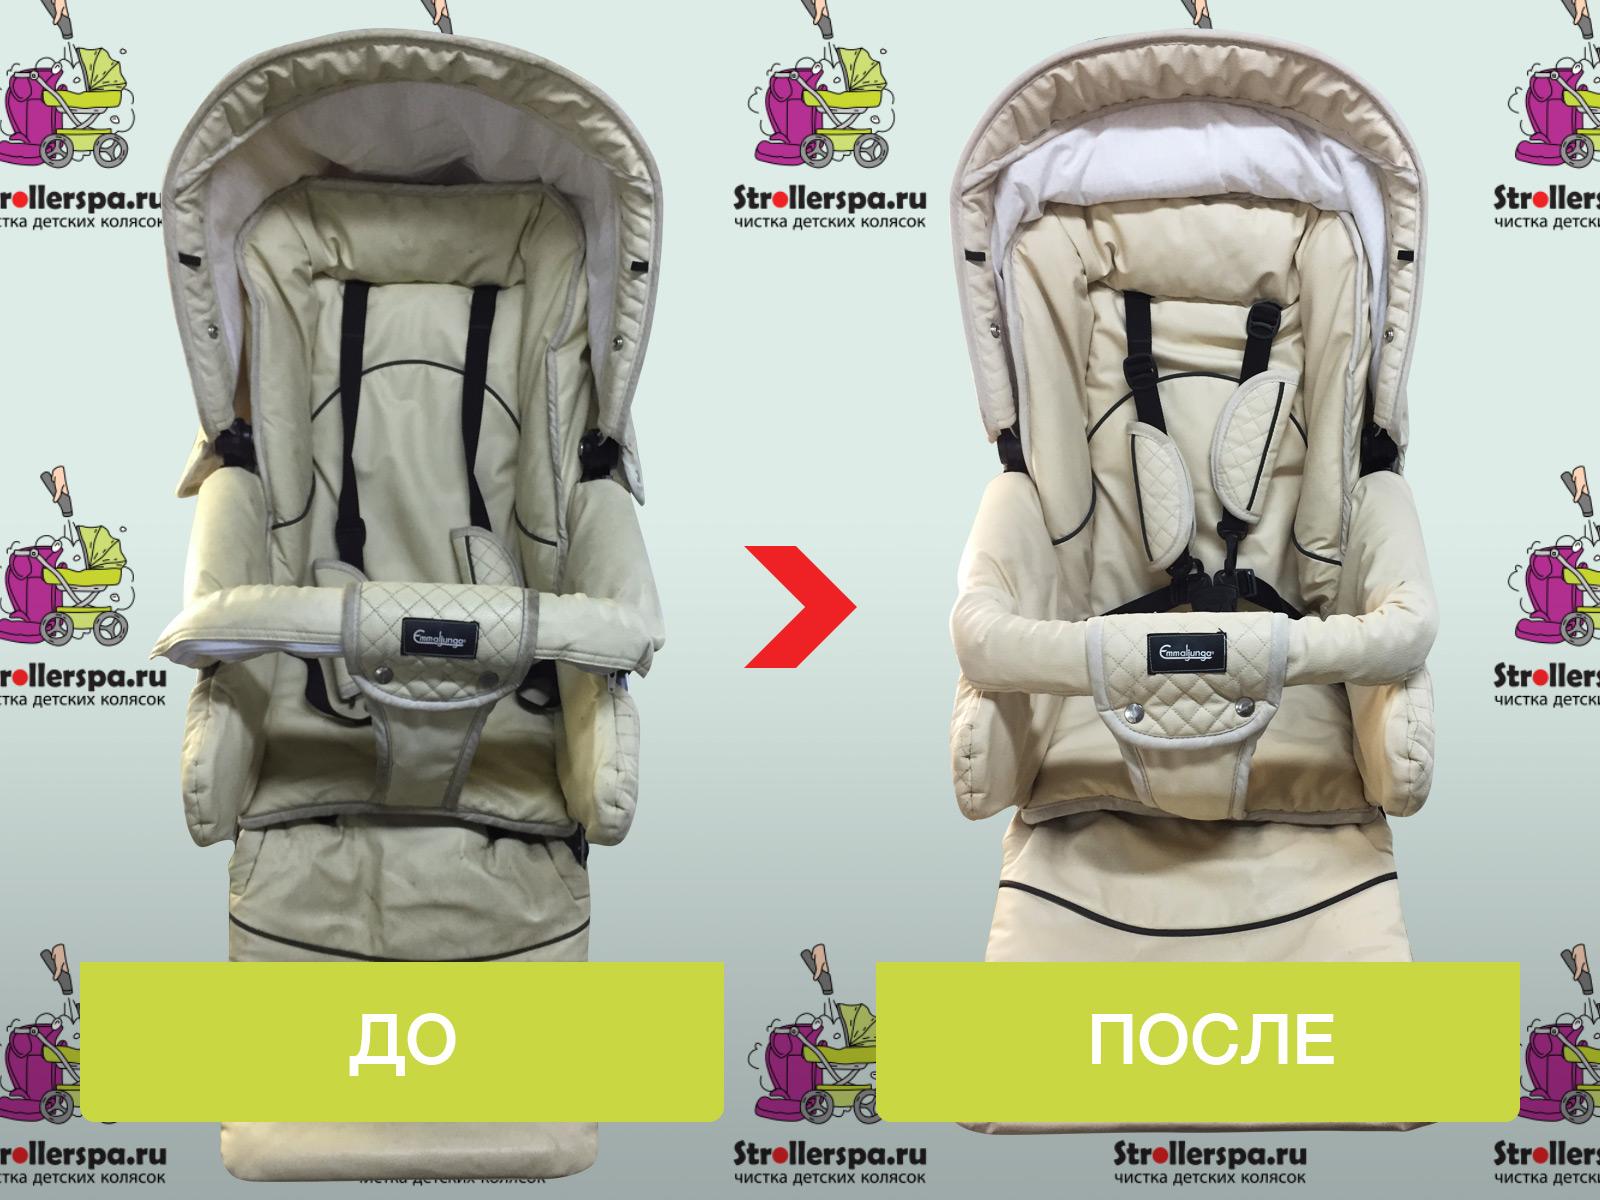 kartinka-himchistka-kolyasok-strollerspa-005